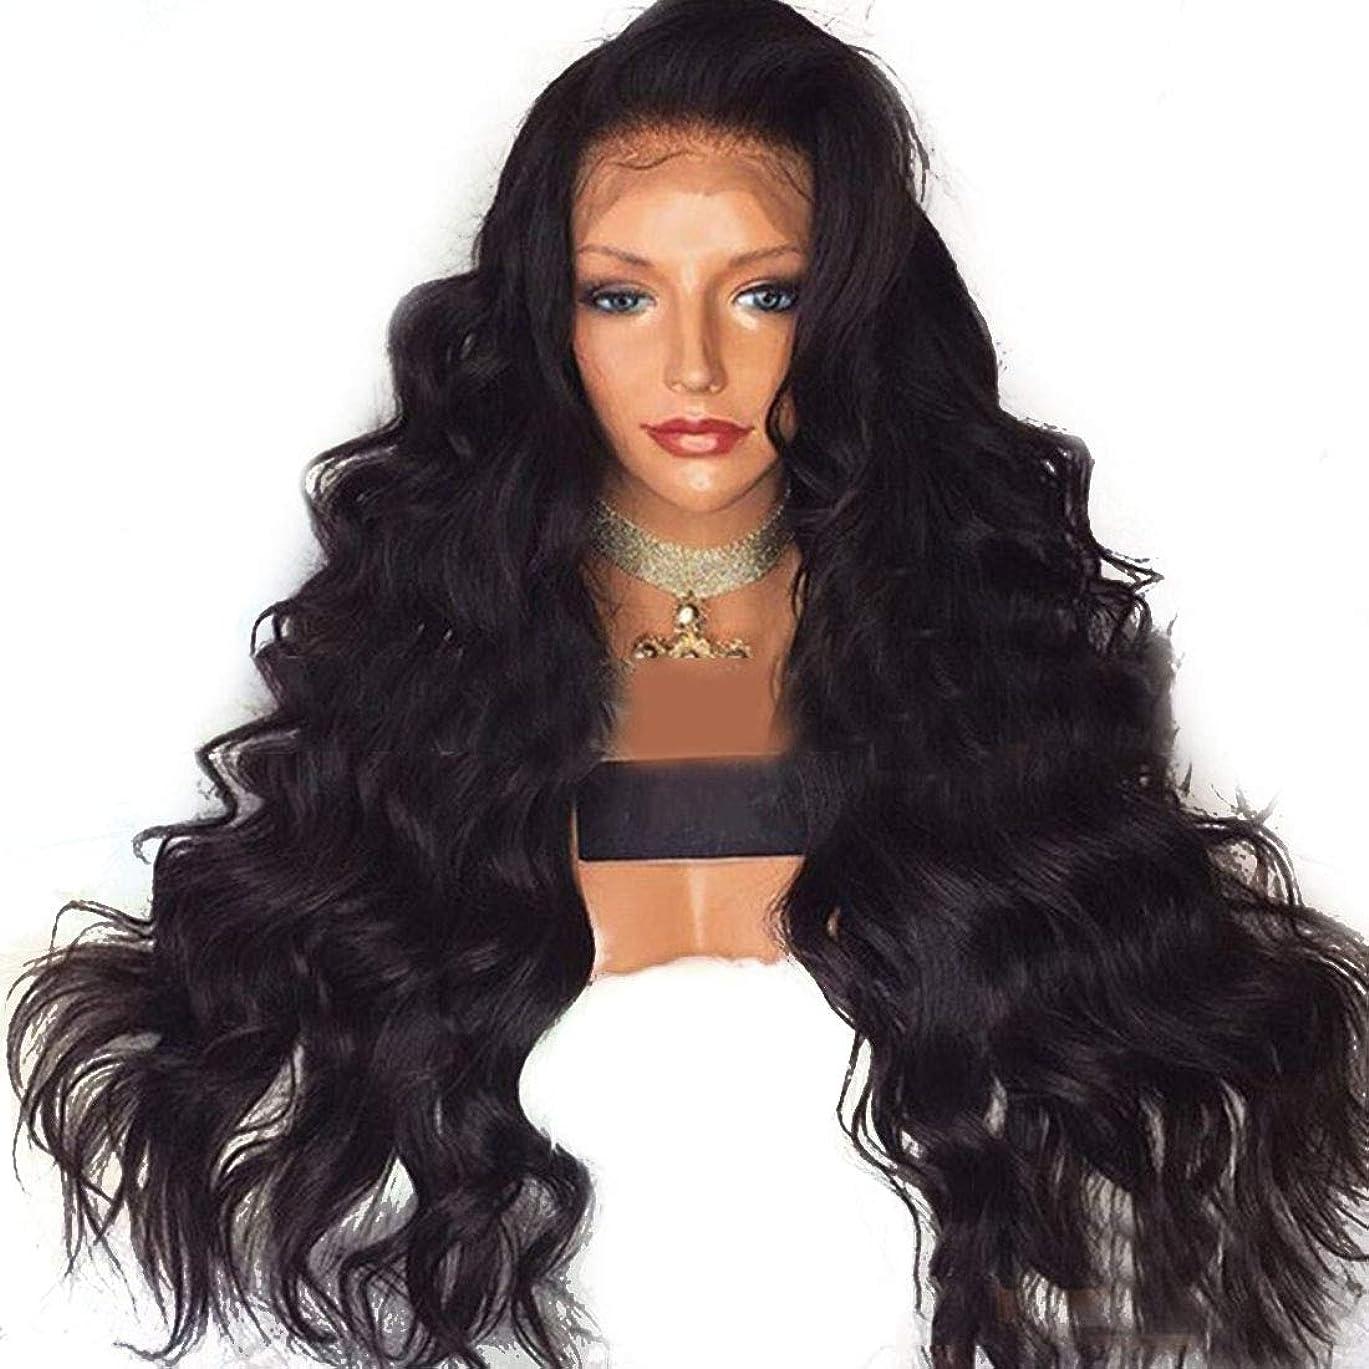 BOBIDYEE ヨーロッパとアメリカの女性の長い巻き毛のかつらレース前のかつら高温かつらウィッグ合成毛髪かつらロールプレイングかつら (色 : 黒, サイズ : 22 inches)